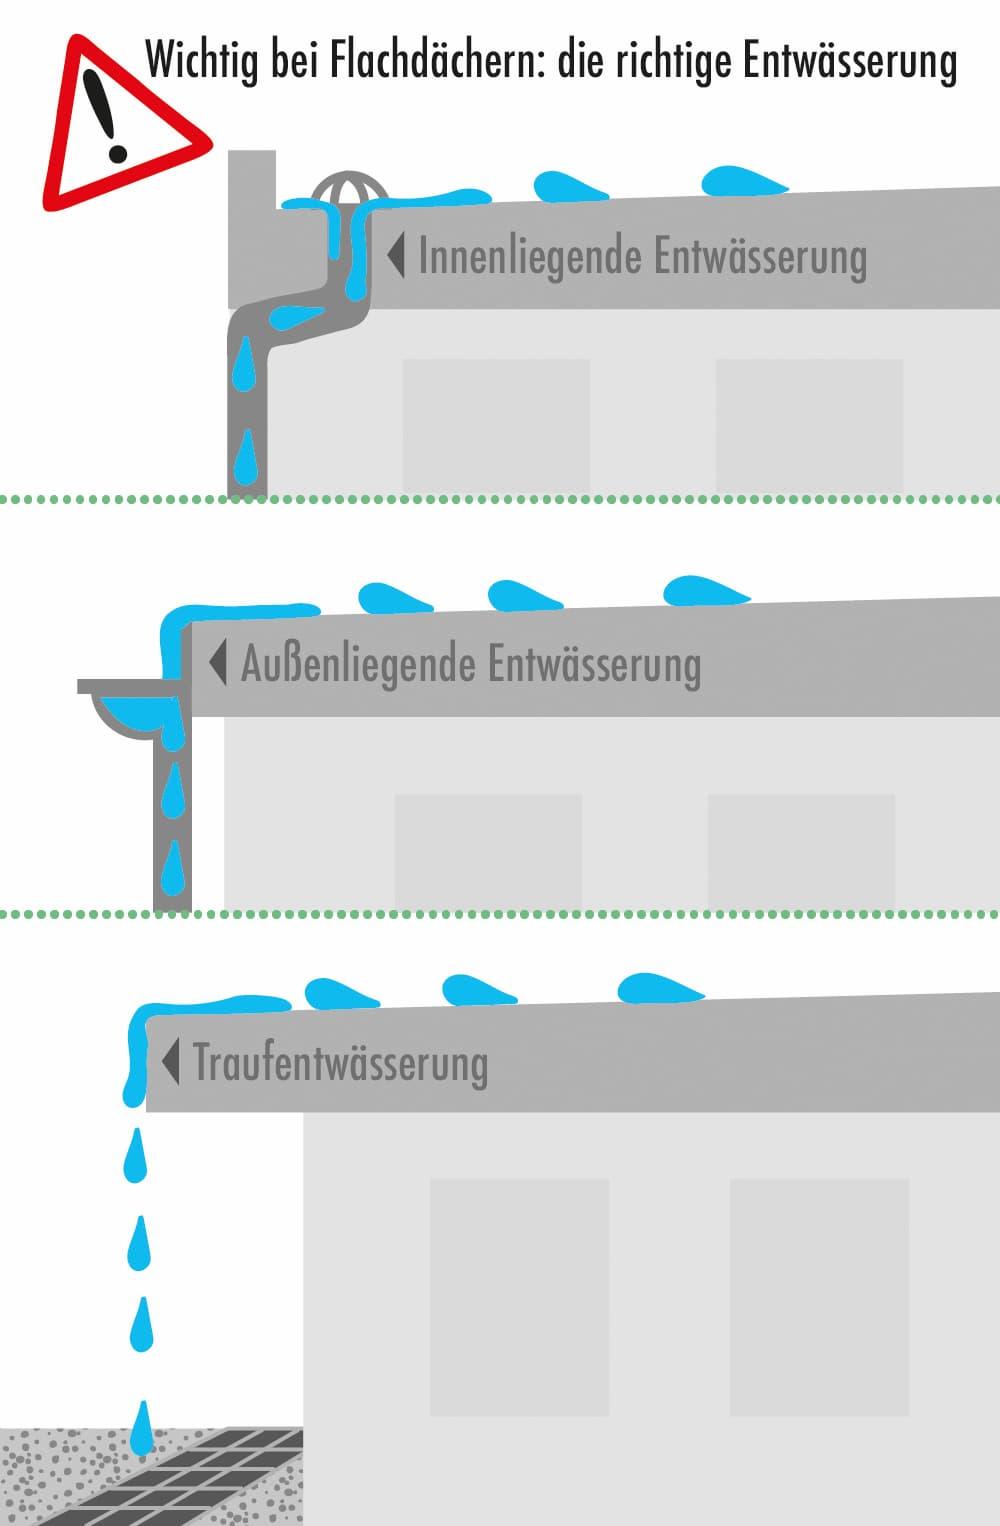 Wichtig bei Flachdächern: Die richtige Entwässerung